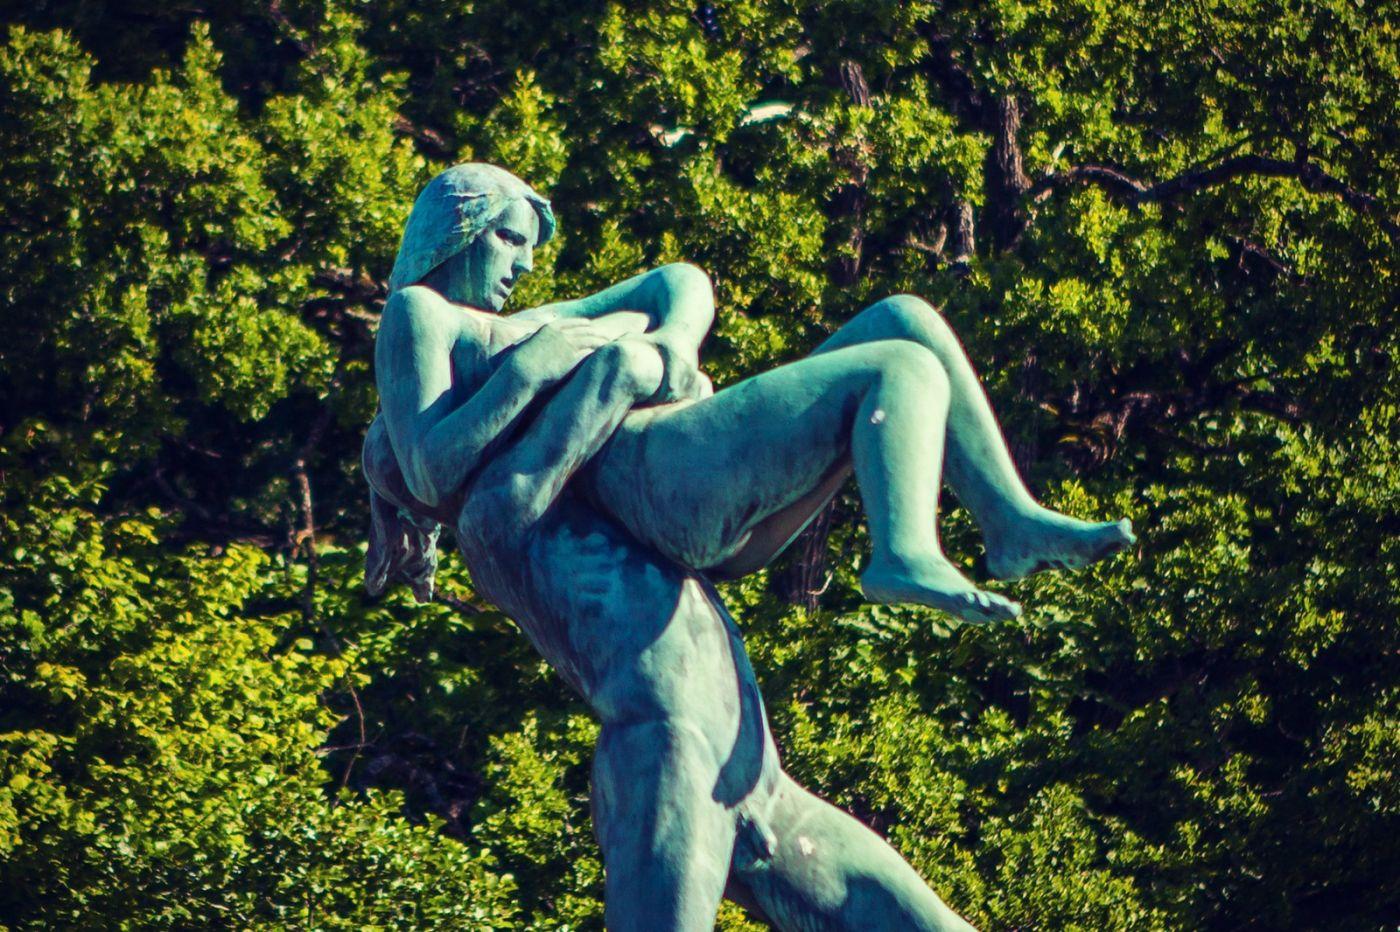 挪威维格兰雕塑公园,风格明显_图1-17